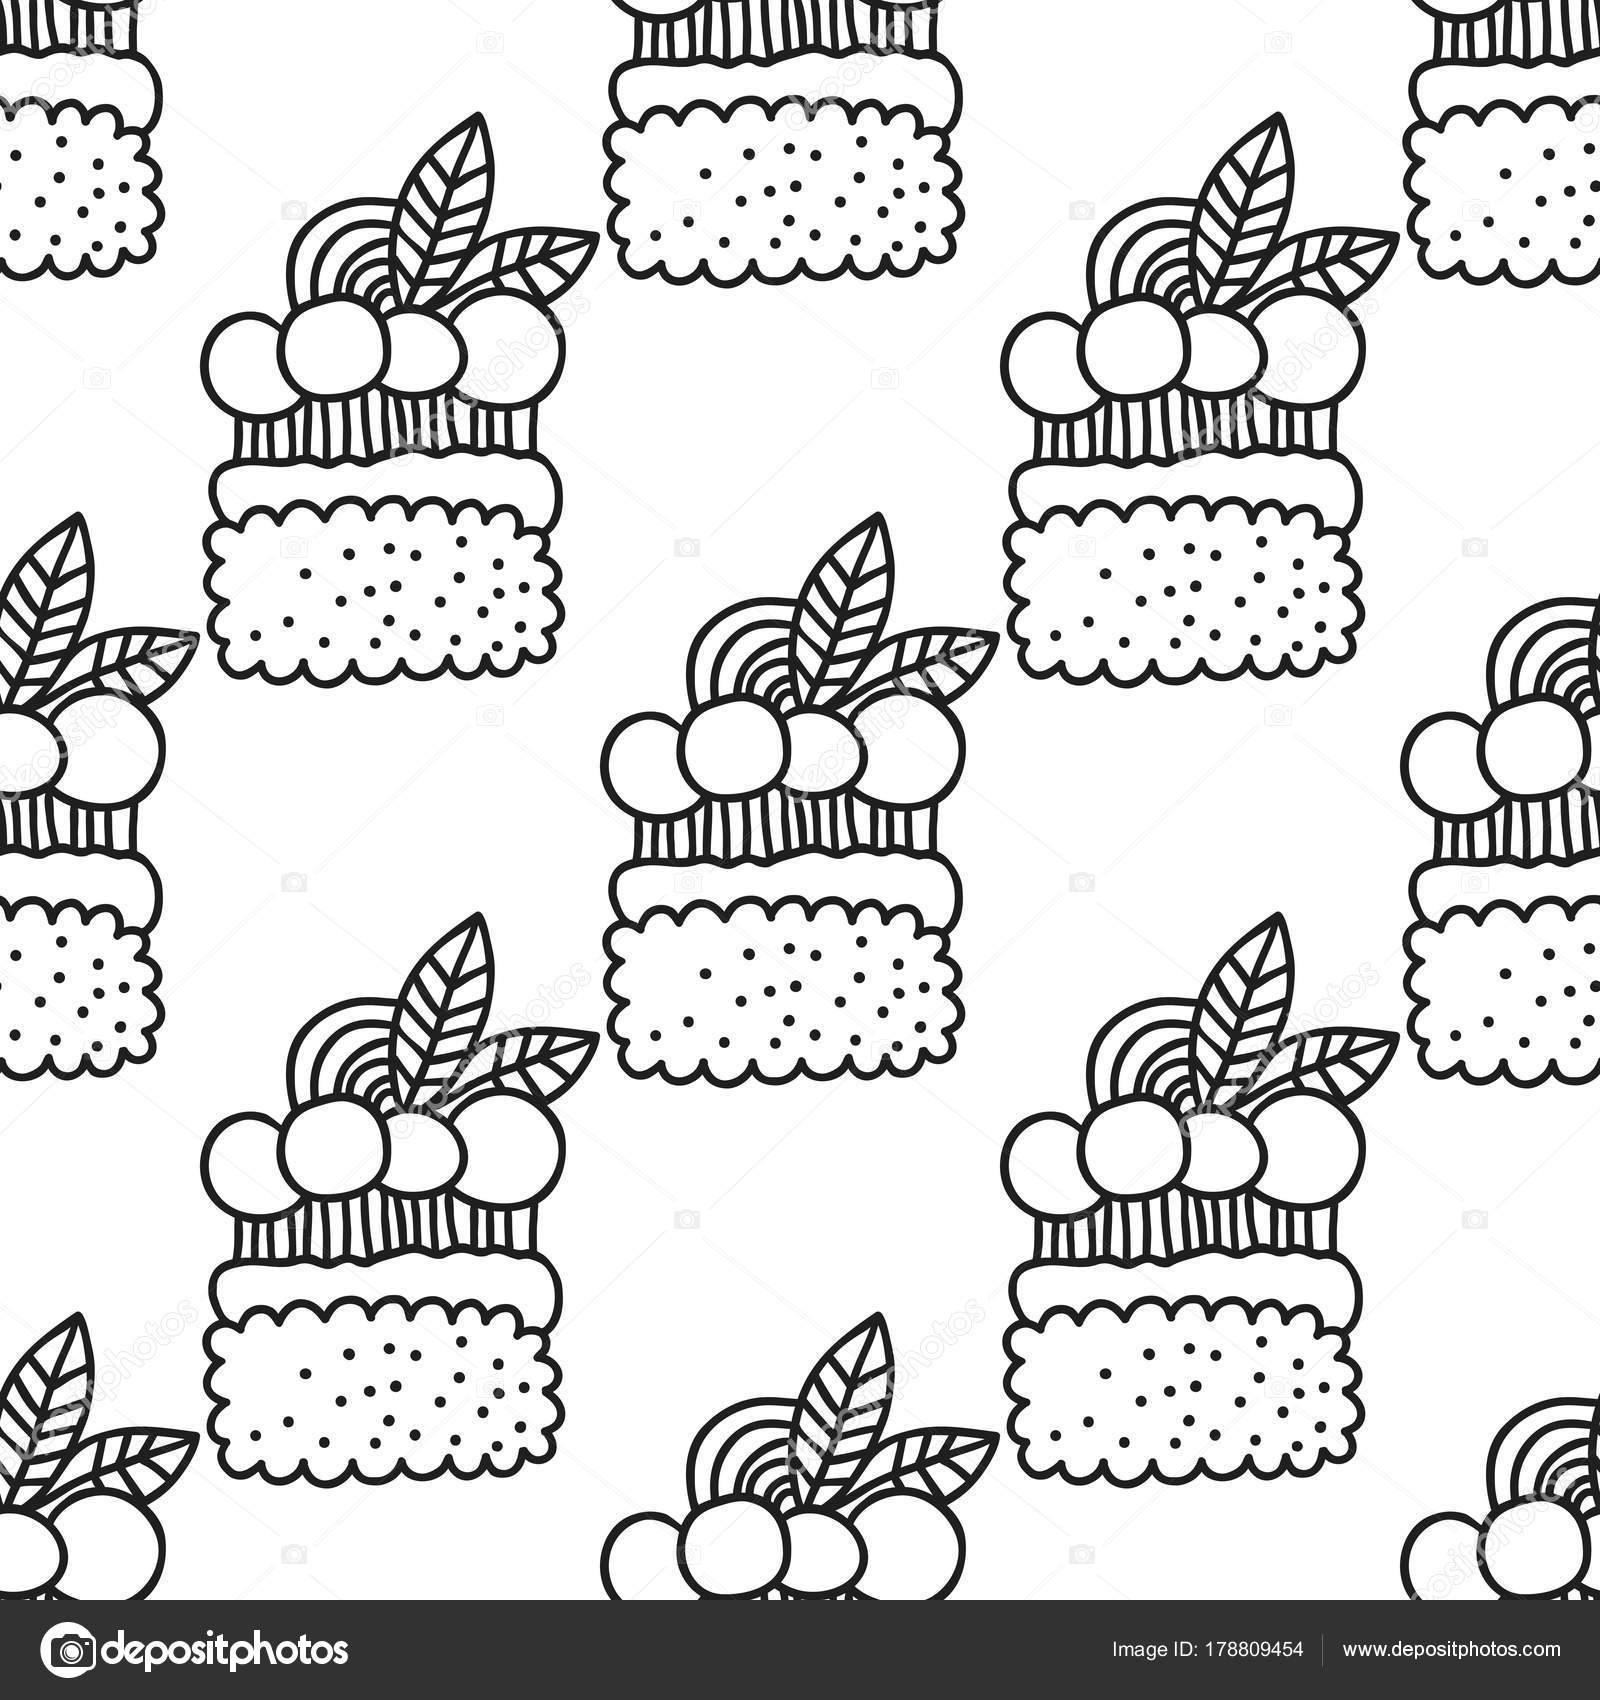 Tortas y cupcakes. Blanco y negro para colorear libros o páginas de ...